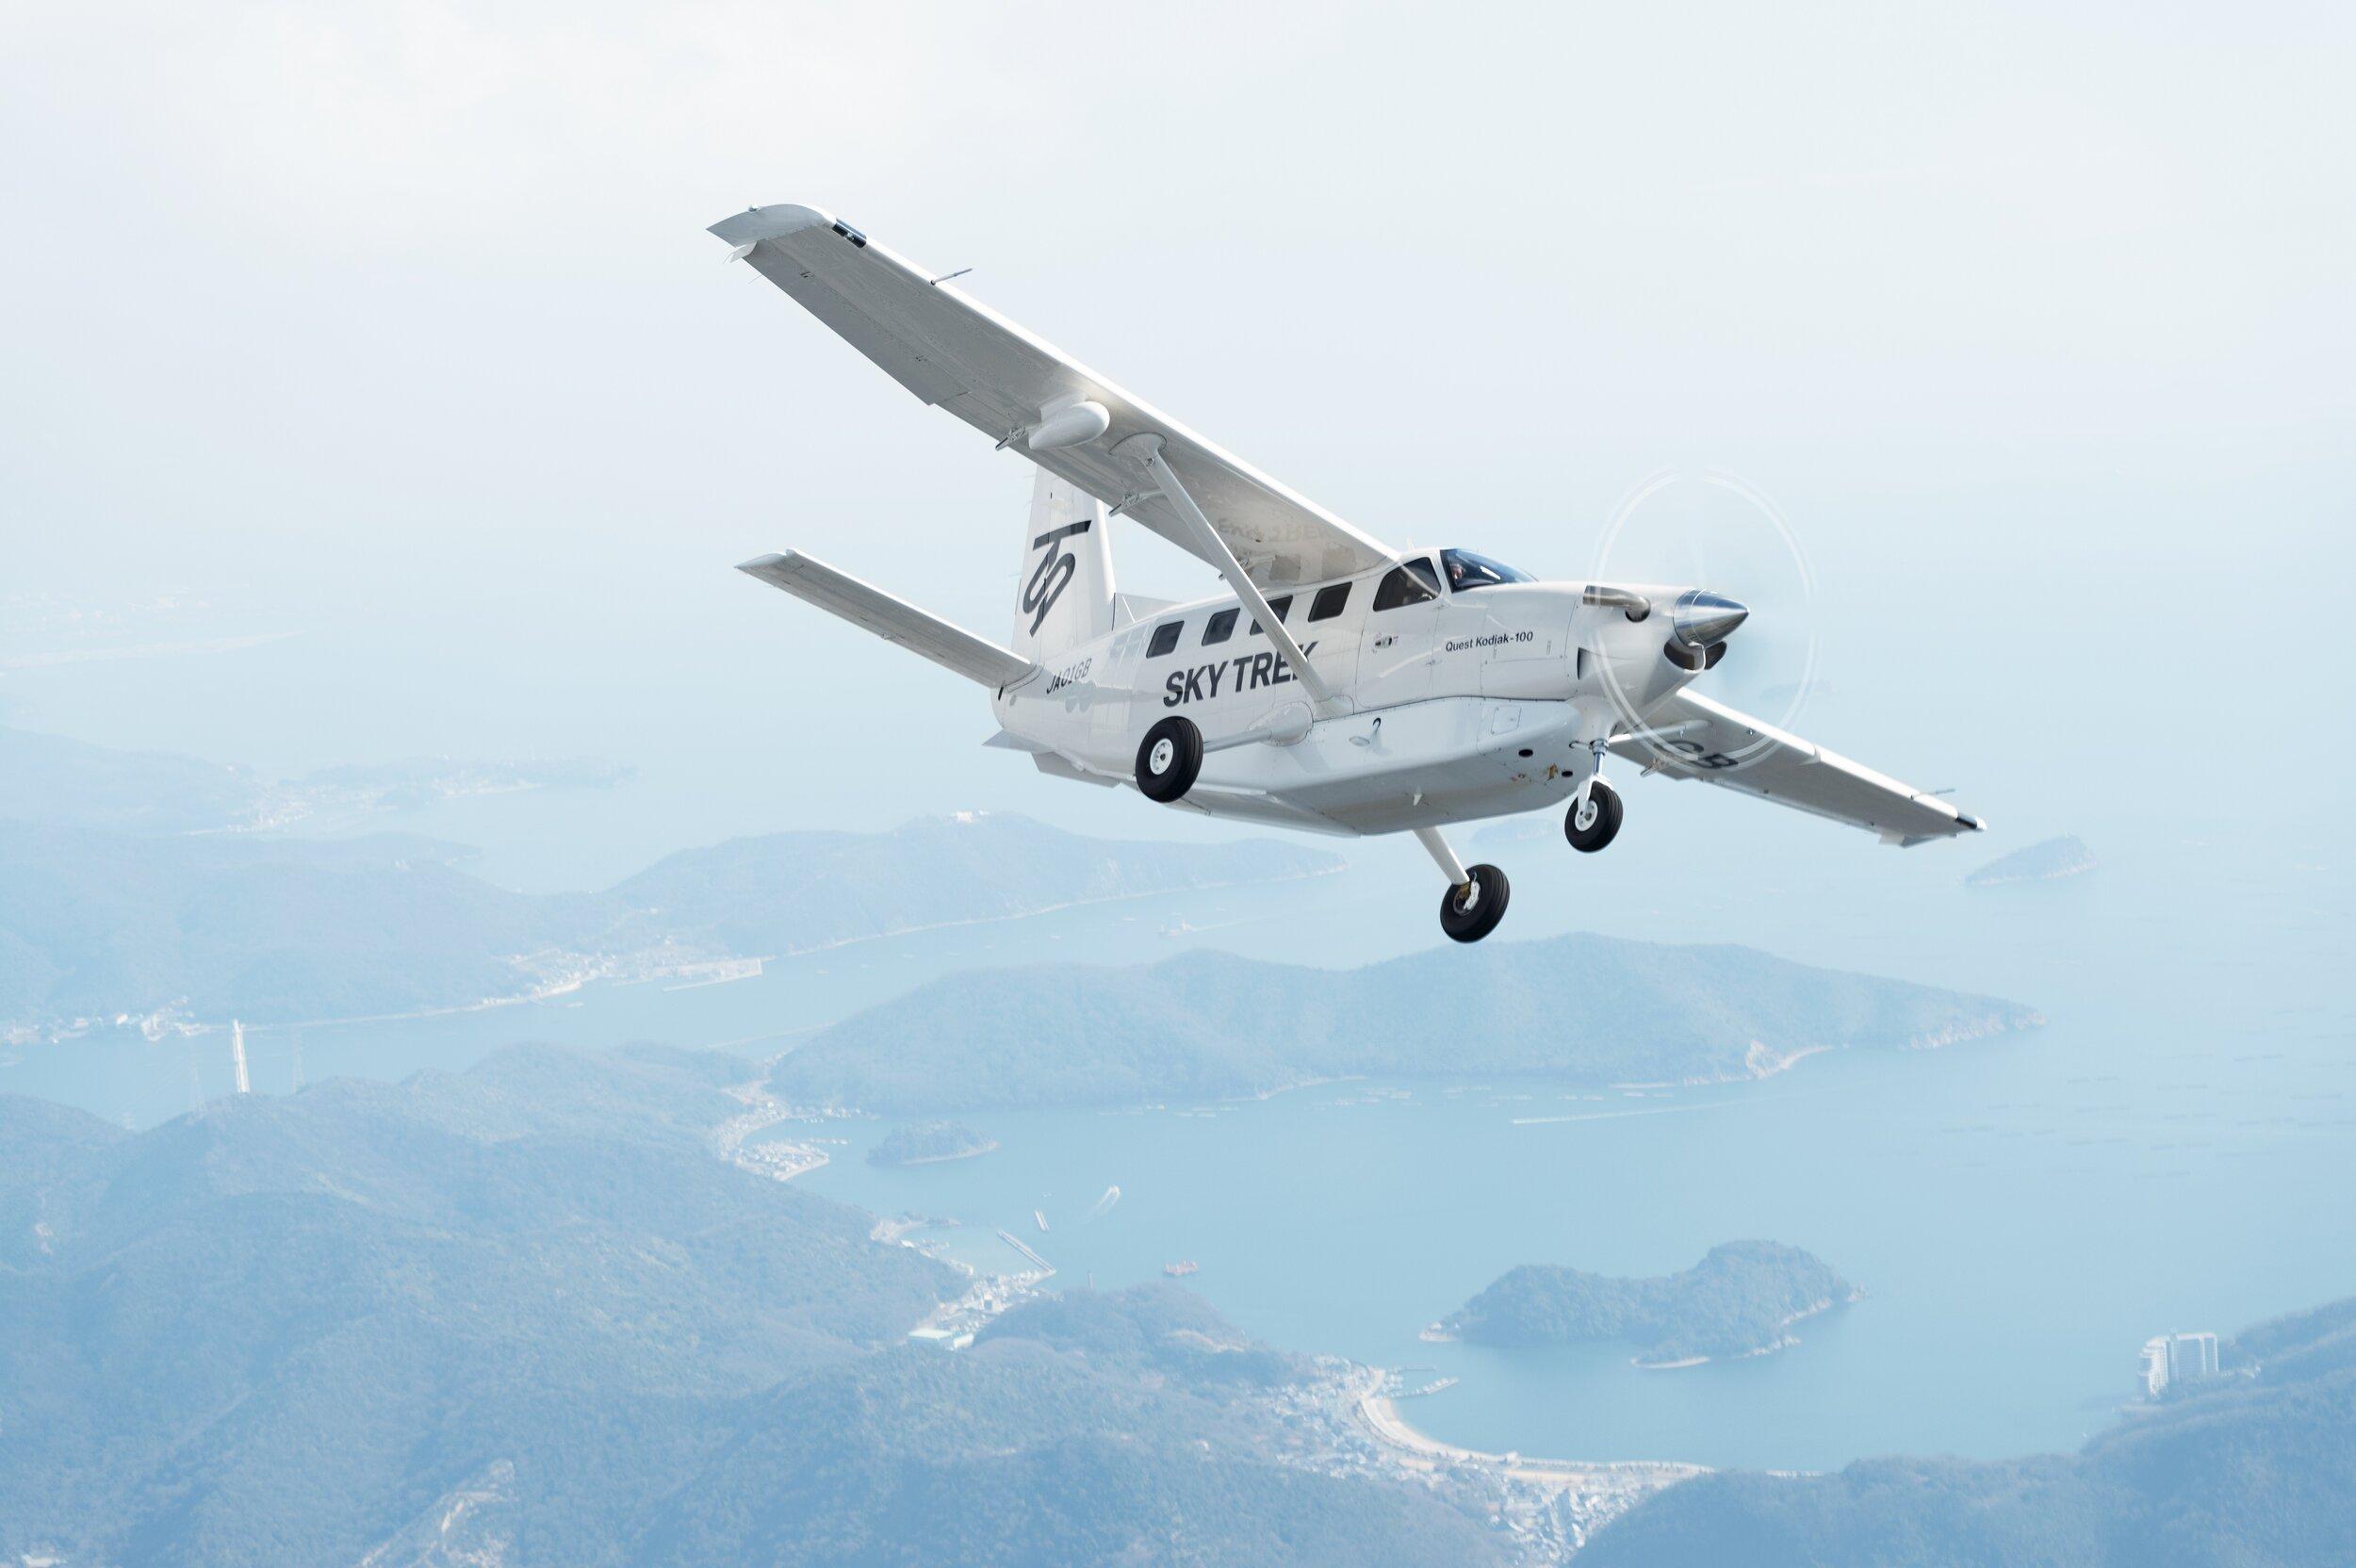 新潟・佐渡空港の活性化に向けて、新潟空港⇄佐渡空港を結ぶテストフライトを実施!